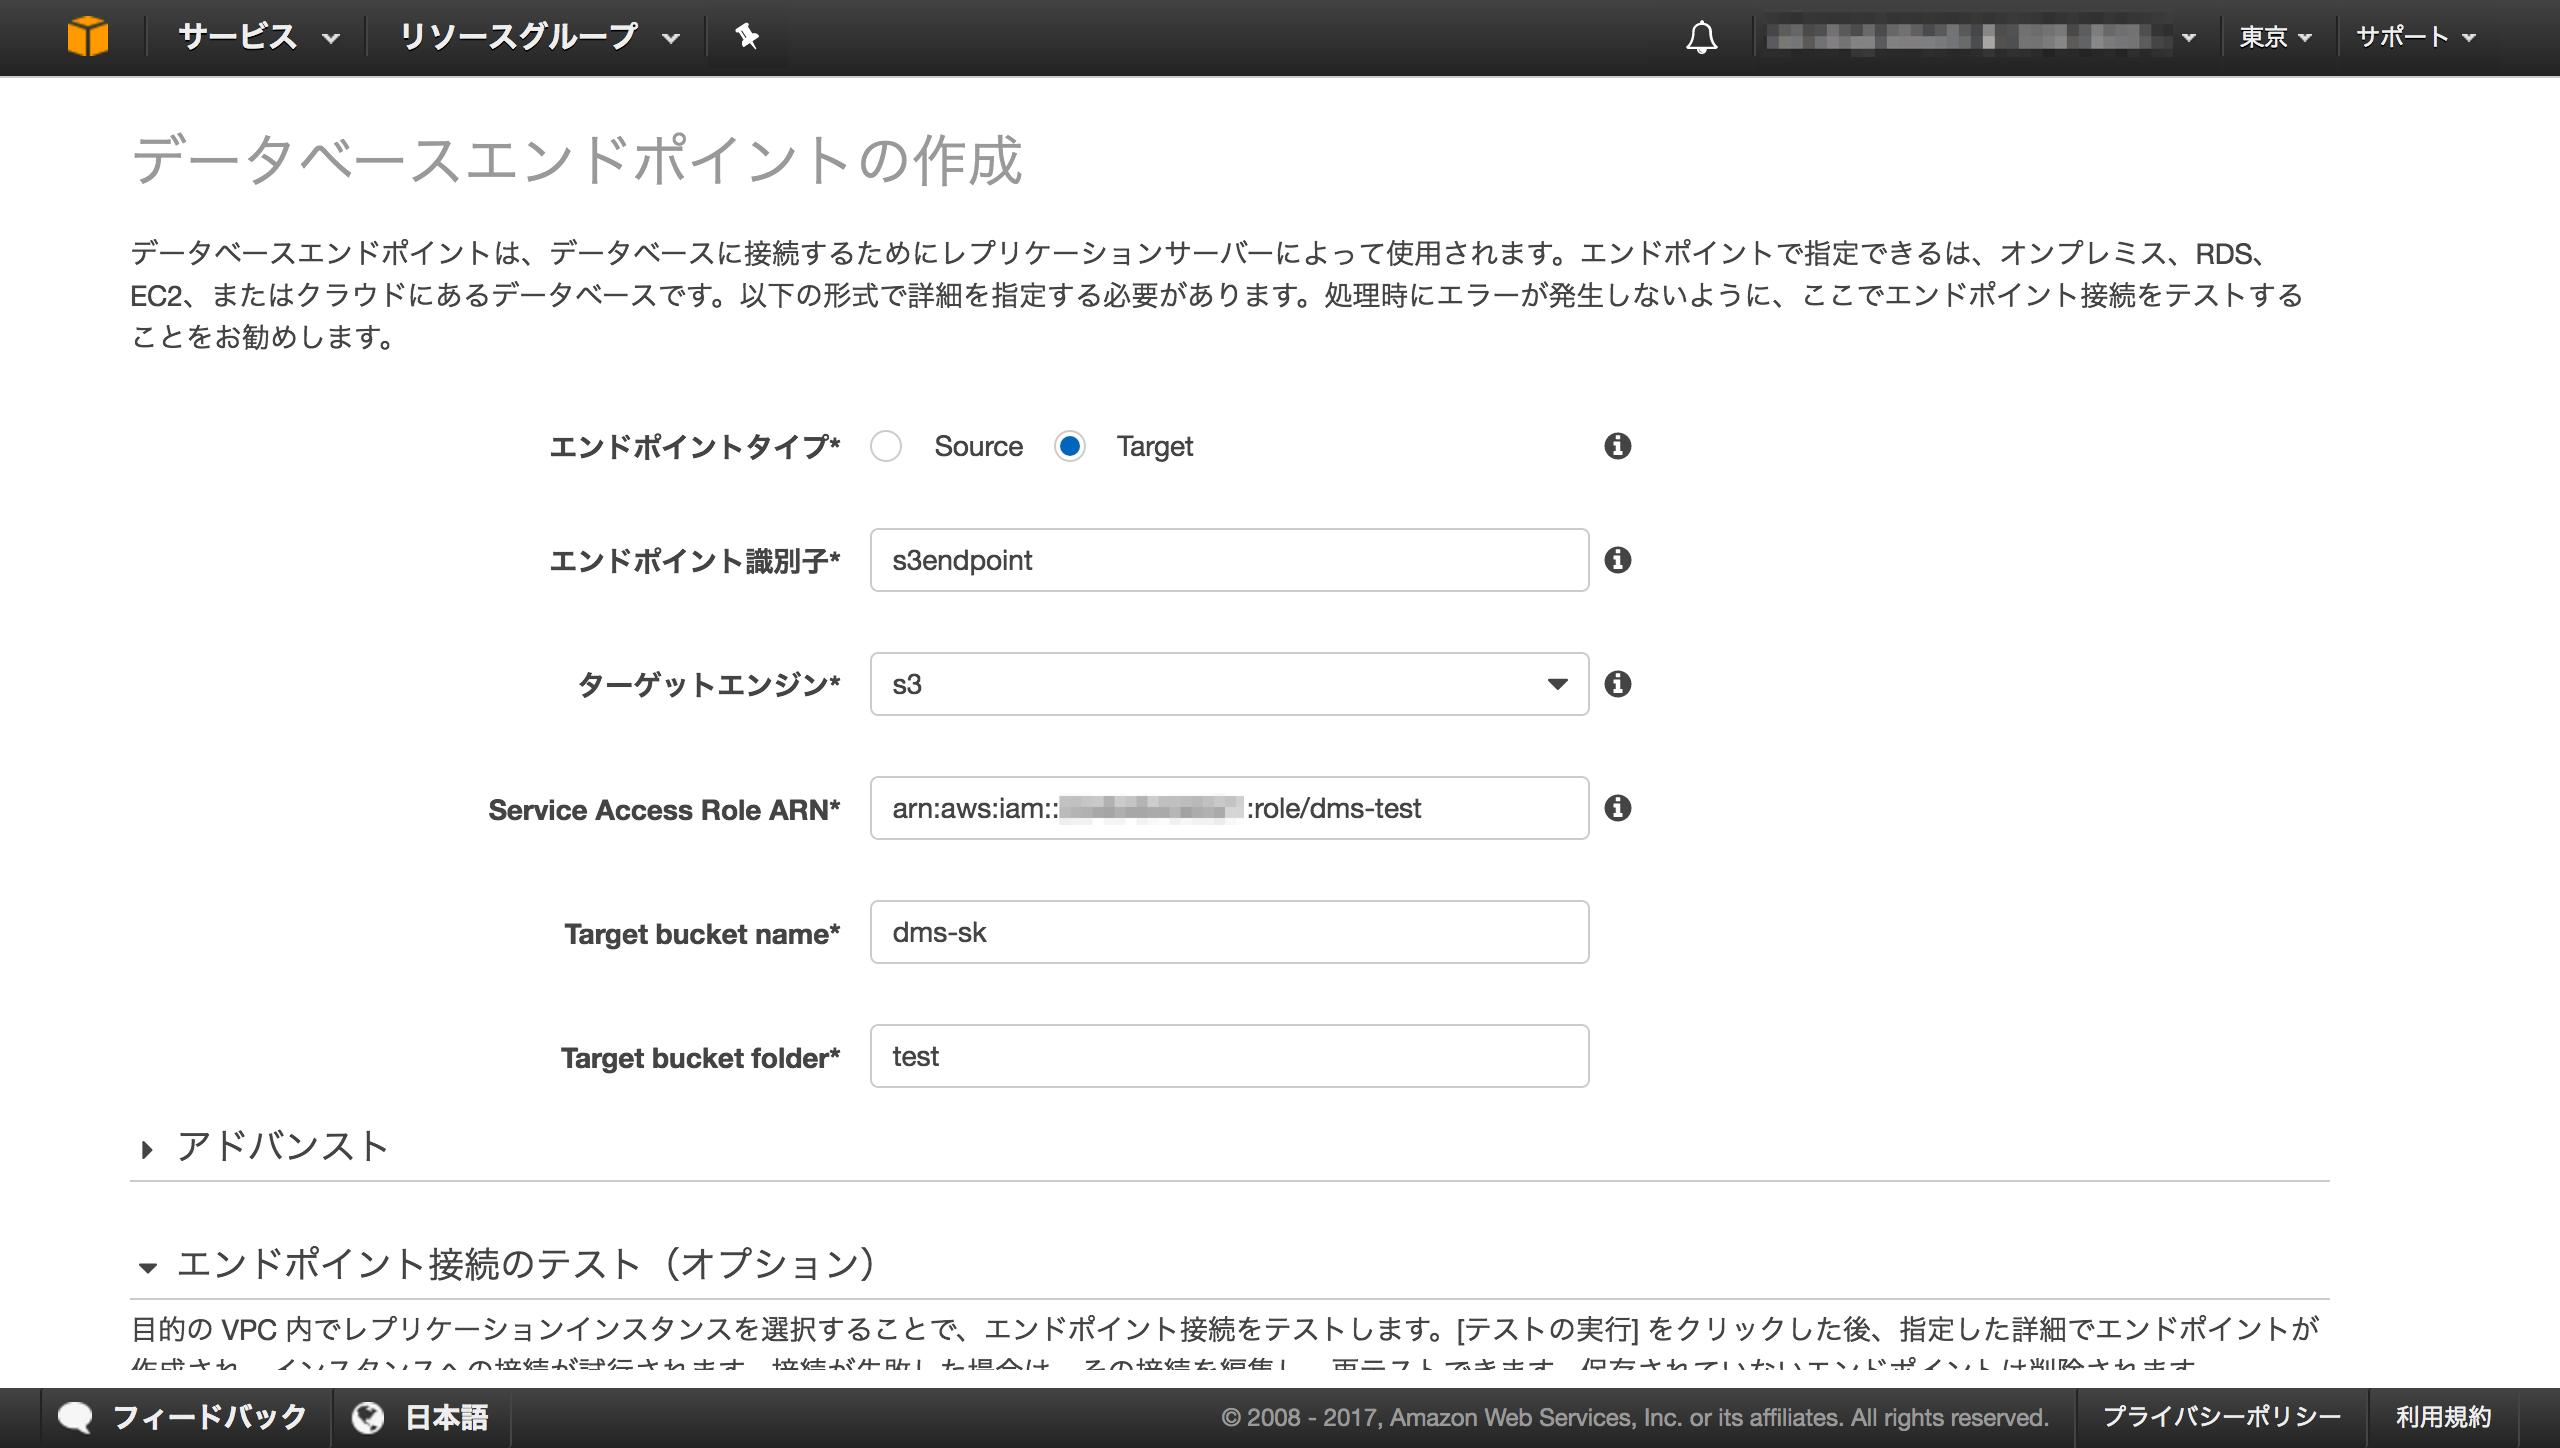 Database Migration Service の Source に MongoDB が選択可能になりました!